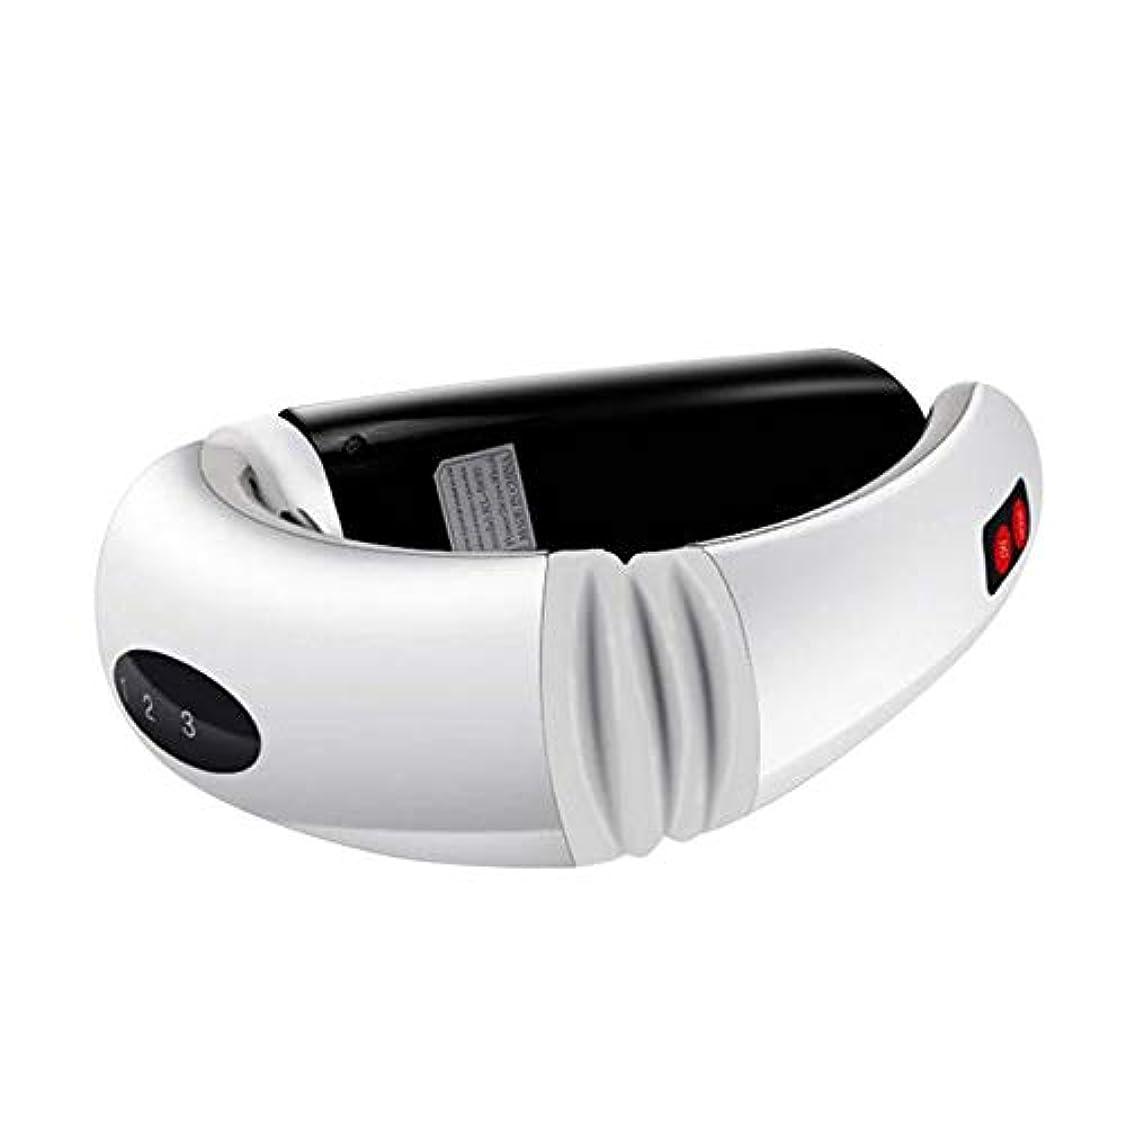 鉱夫空白普遍的な首のマッサージャー電気USB再充電可能な子宮頸マッサージャーは、痛みの痛みの筋肉を取り除く車のオフィスとホームホワイト